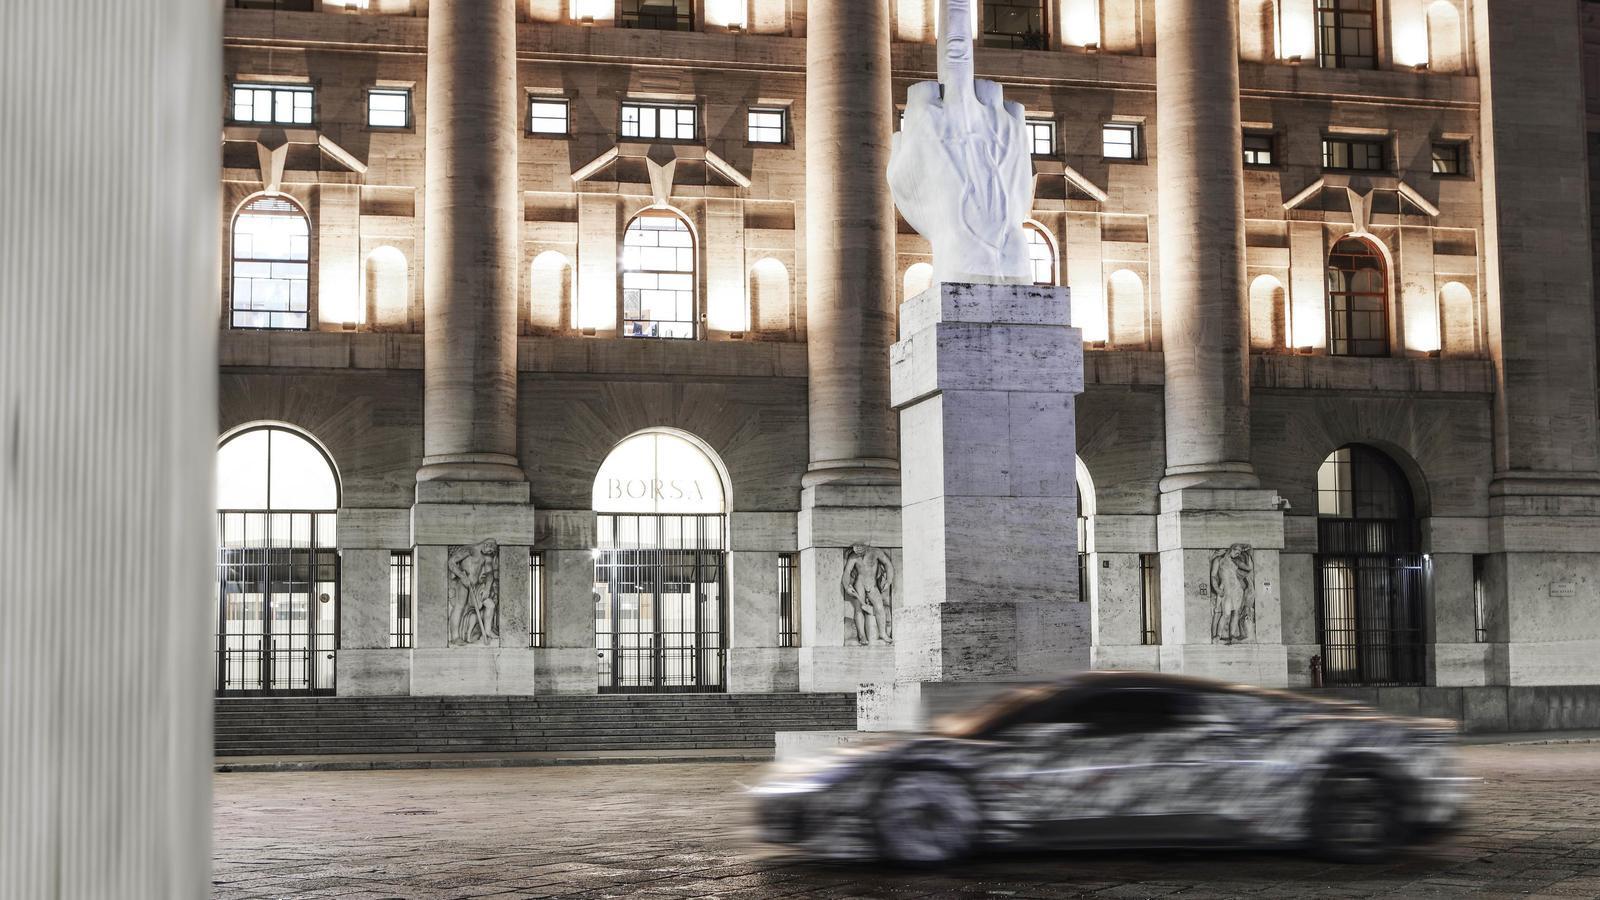 El nou esportiu de Maserati tindrà un motor V6 inspirat en la Fórmula 1